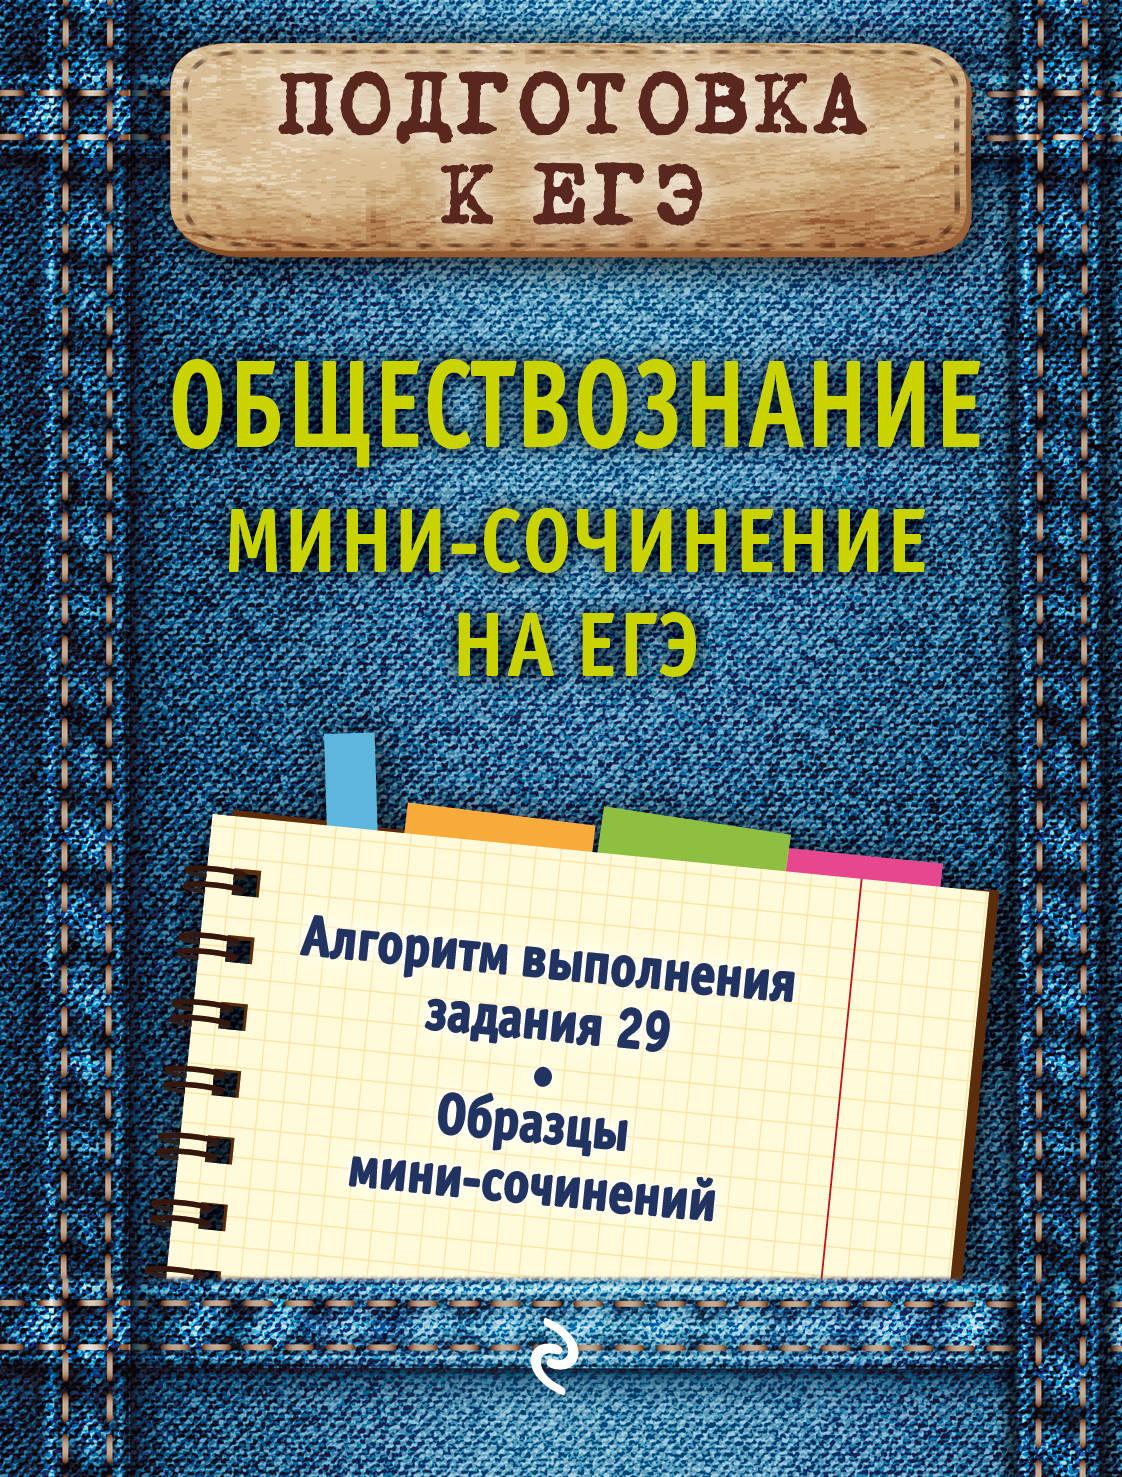 О. В. Кишенкова Обществознание. Мини-сочинение на ЕГЭ